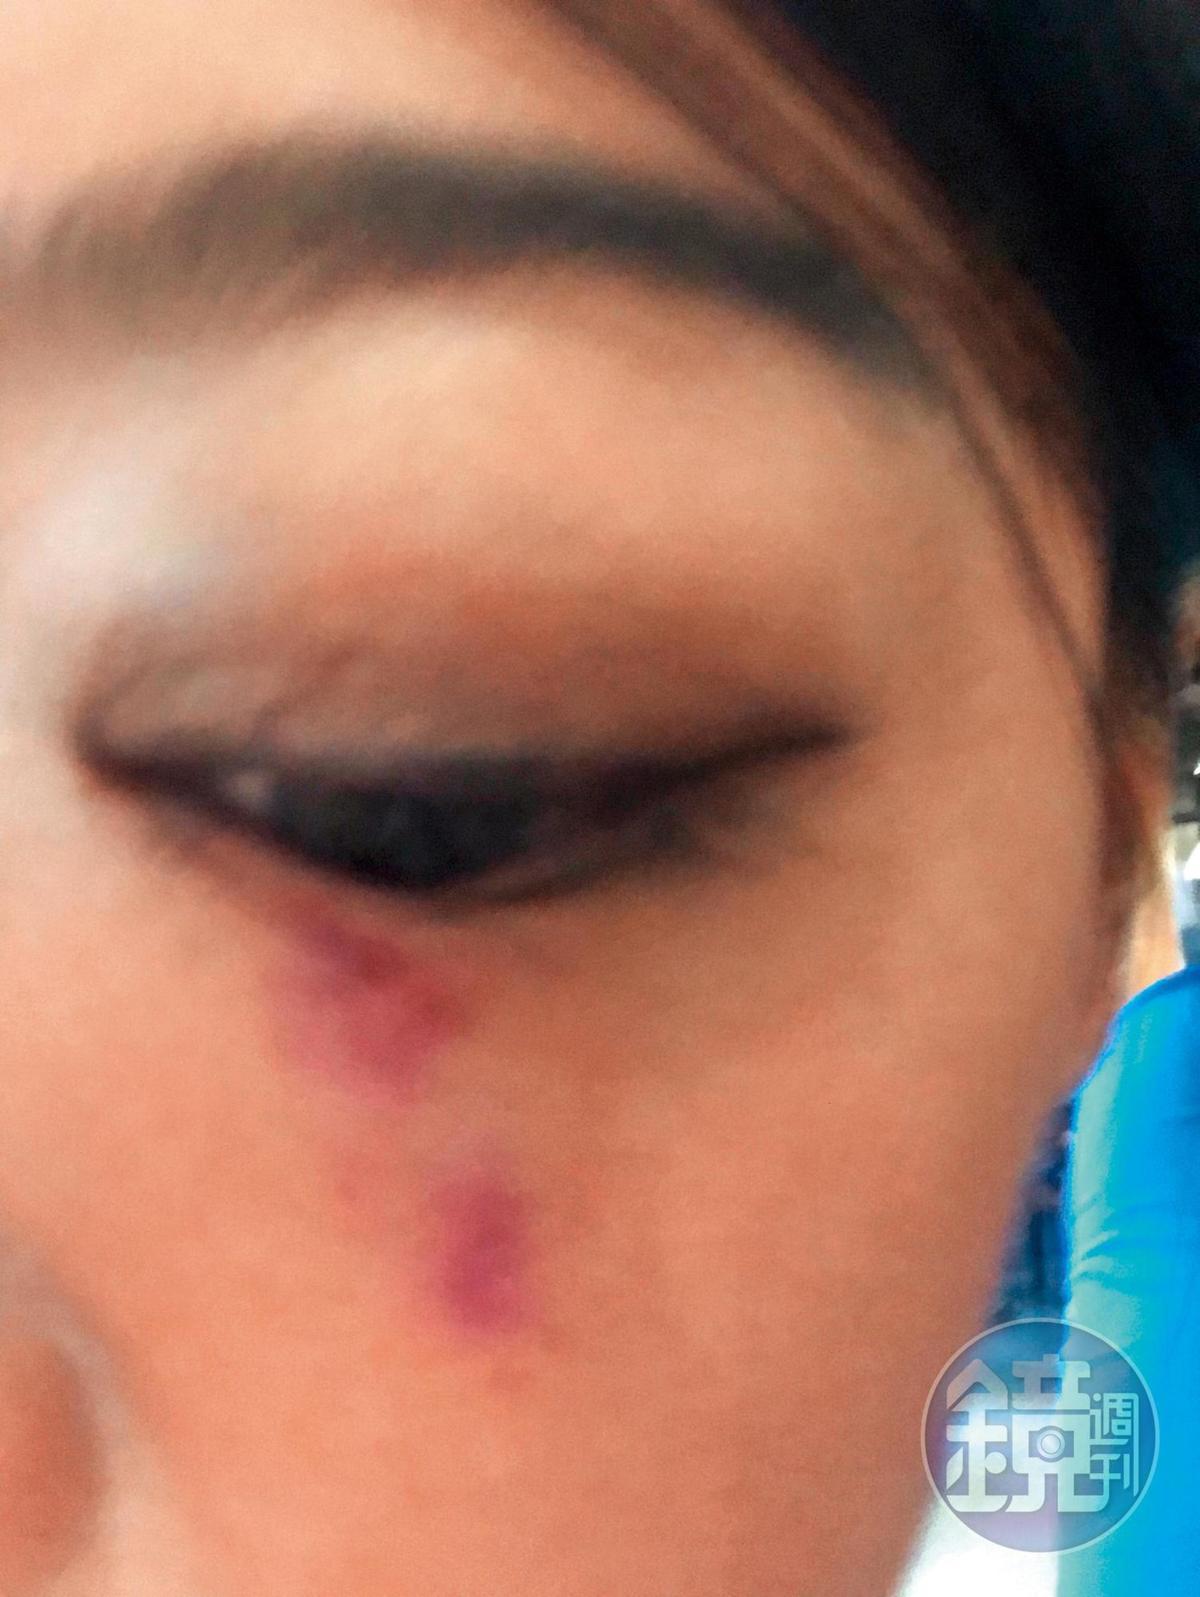 7月18日開庭時,李小姐被屁蛋妹拿手機砸傷眼,當天立刻去驗傷又告她一條傷害罪。(讀者提供)